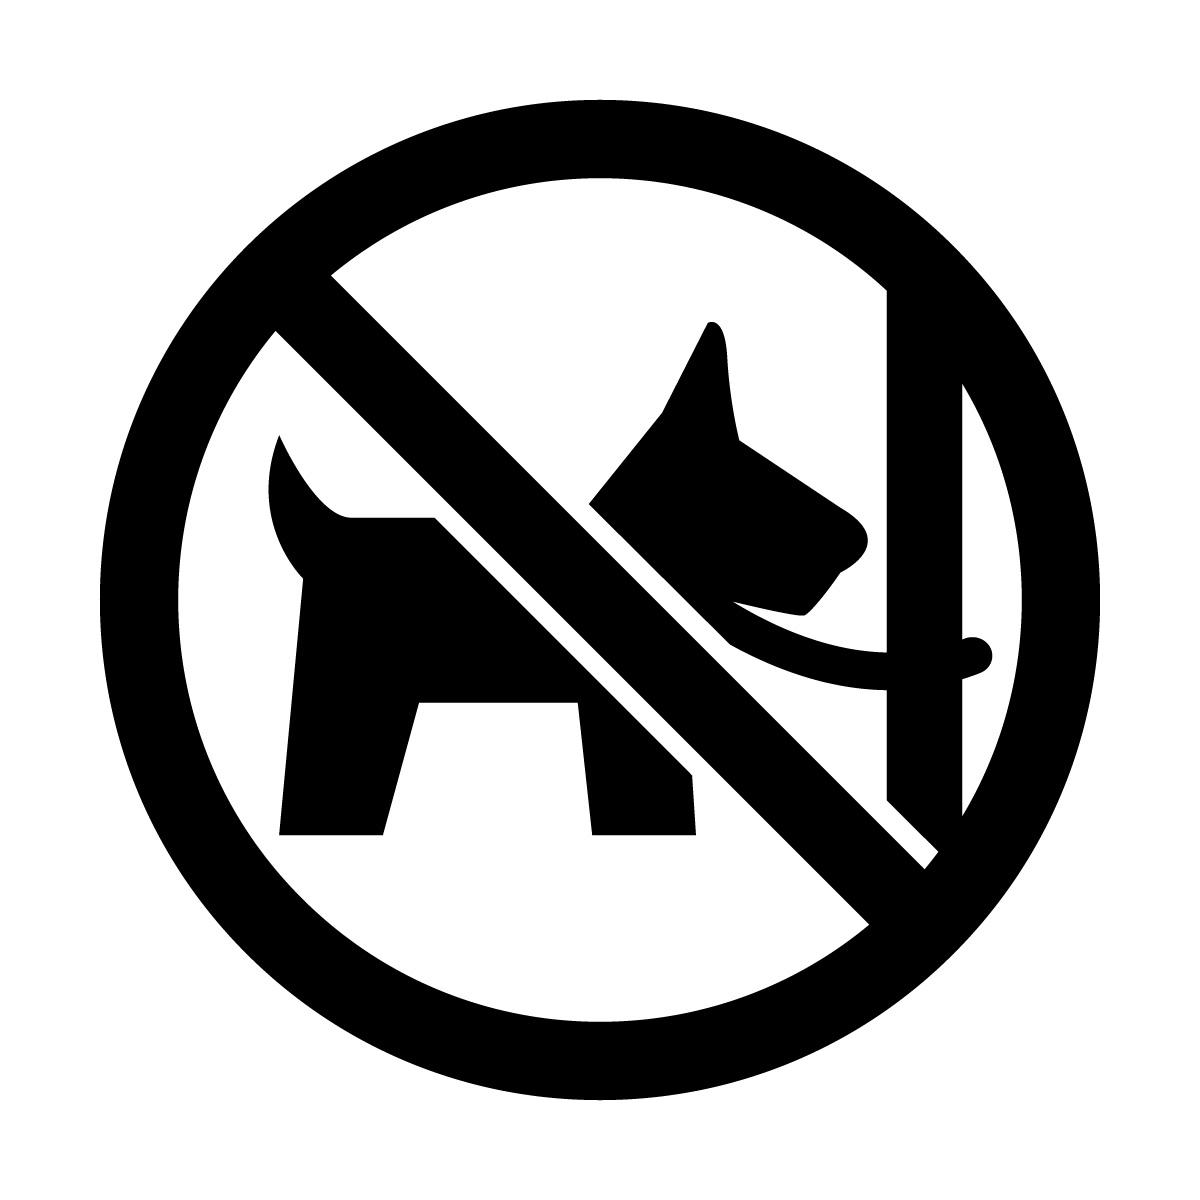 黒いペットの放置禁止マークのカッティングシートステッカー